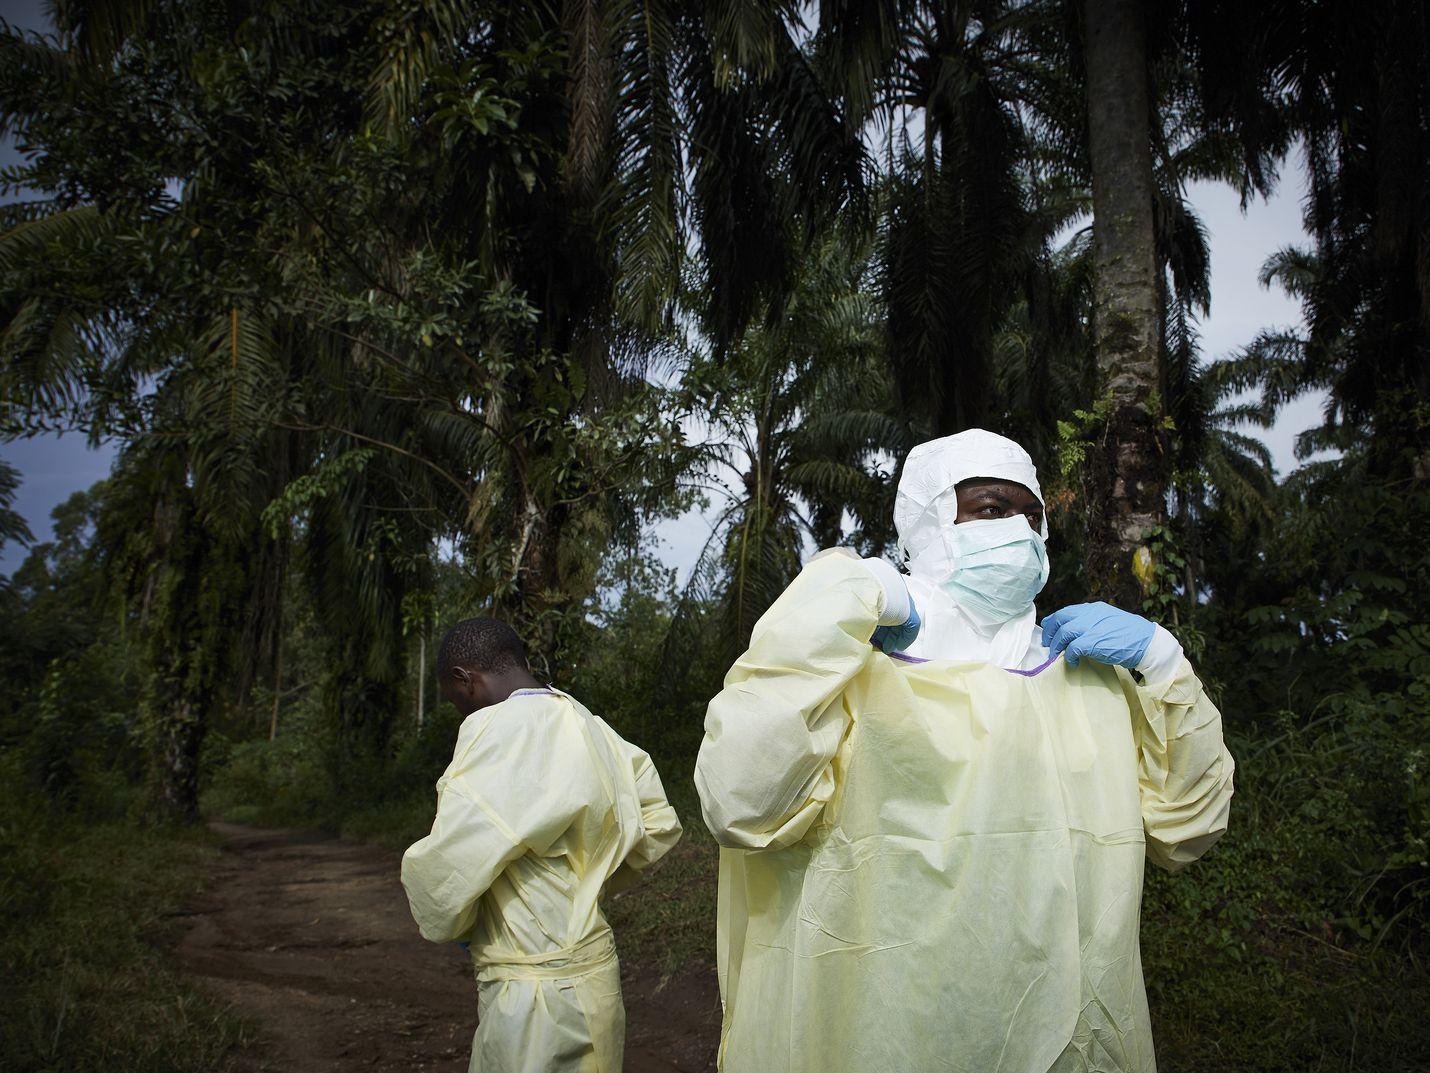 Terveydenhuollon työntekijät panivat suojavarusteita ylleen ebolaepidemian aikana Benissä Kongossa viime elokuussa.